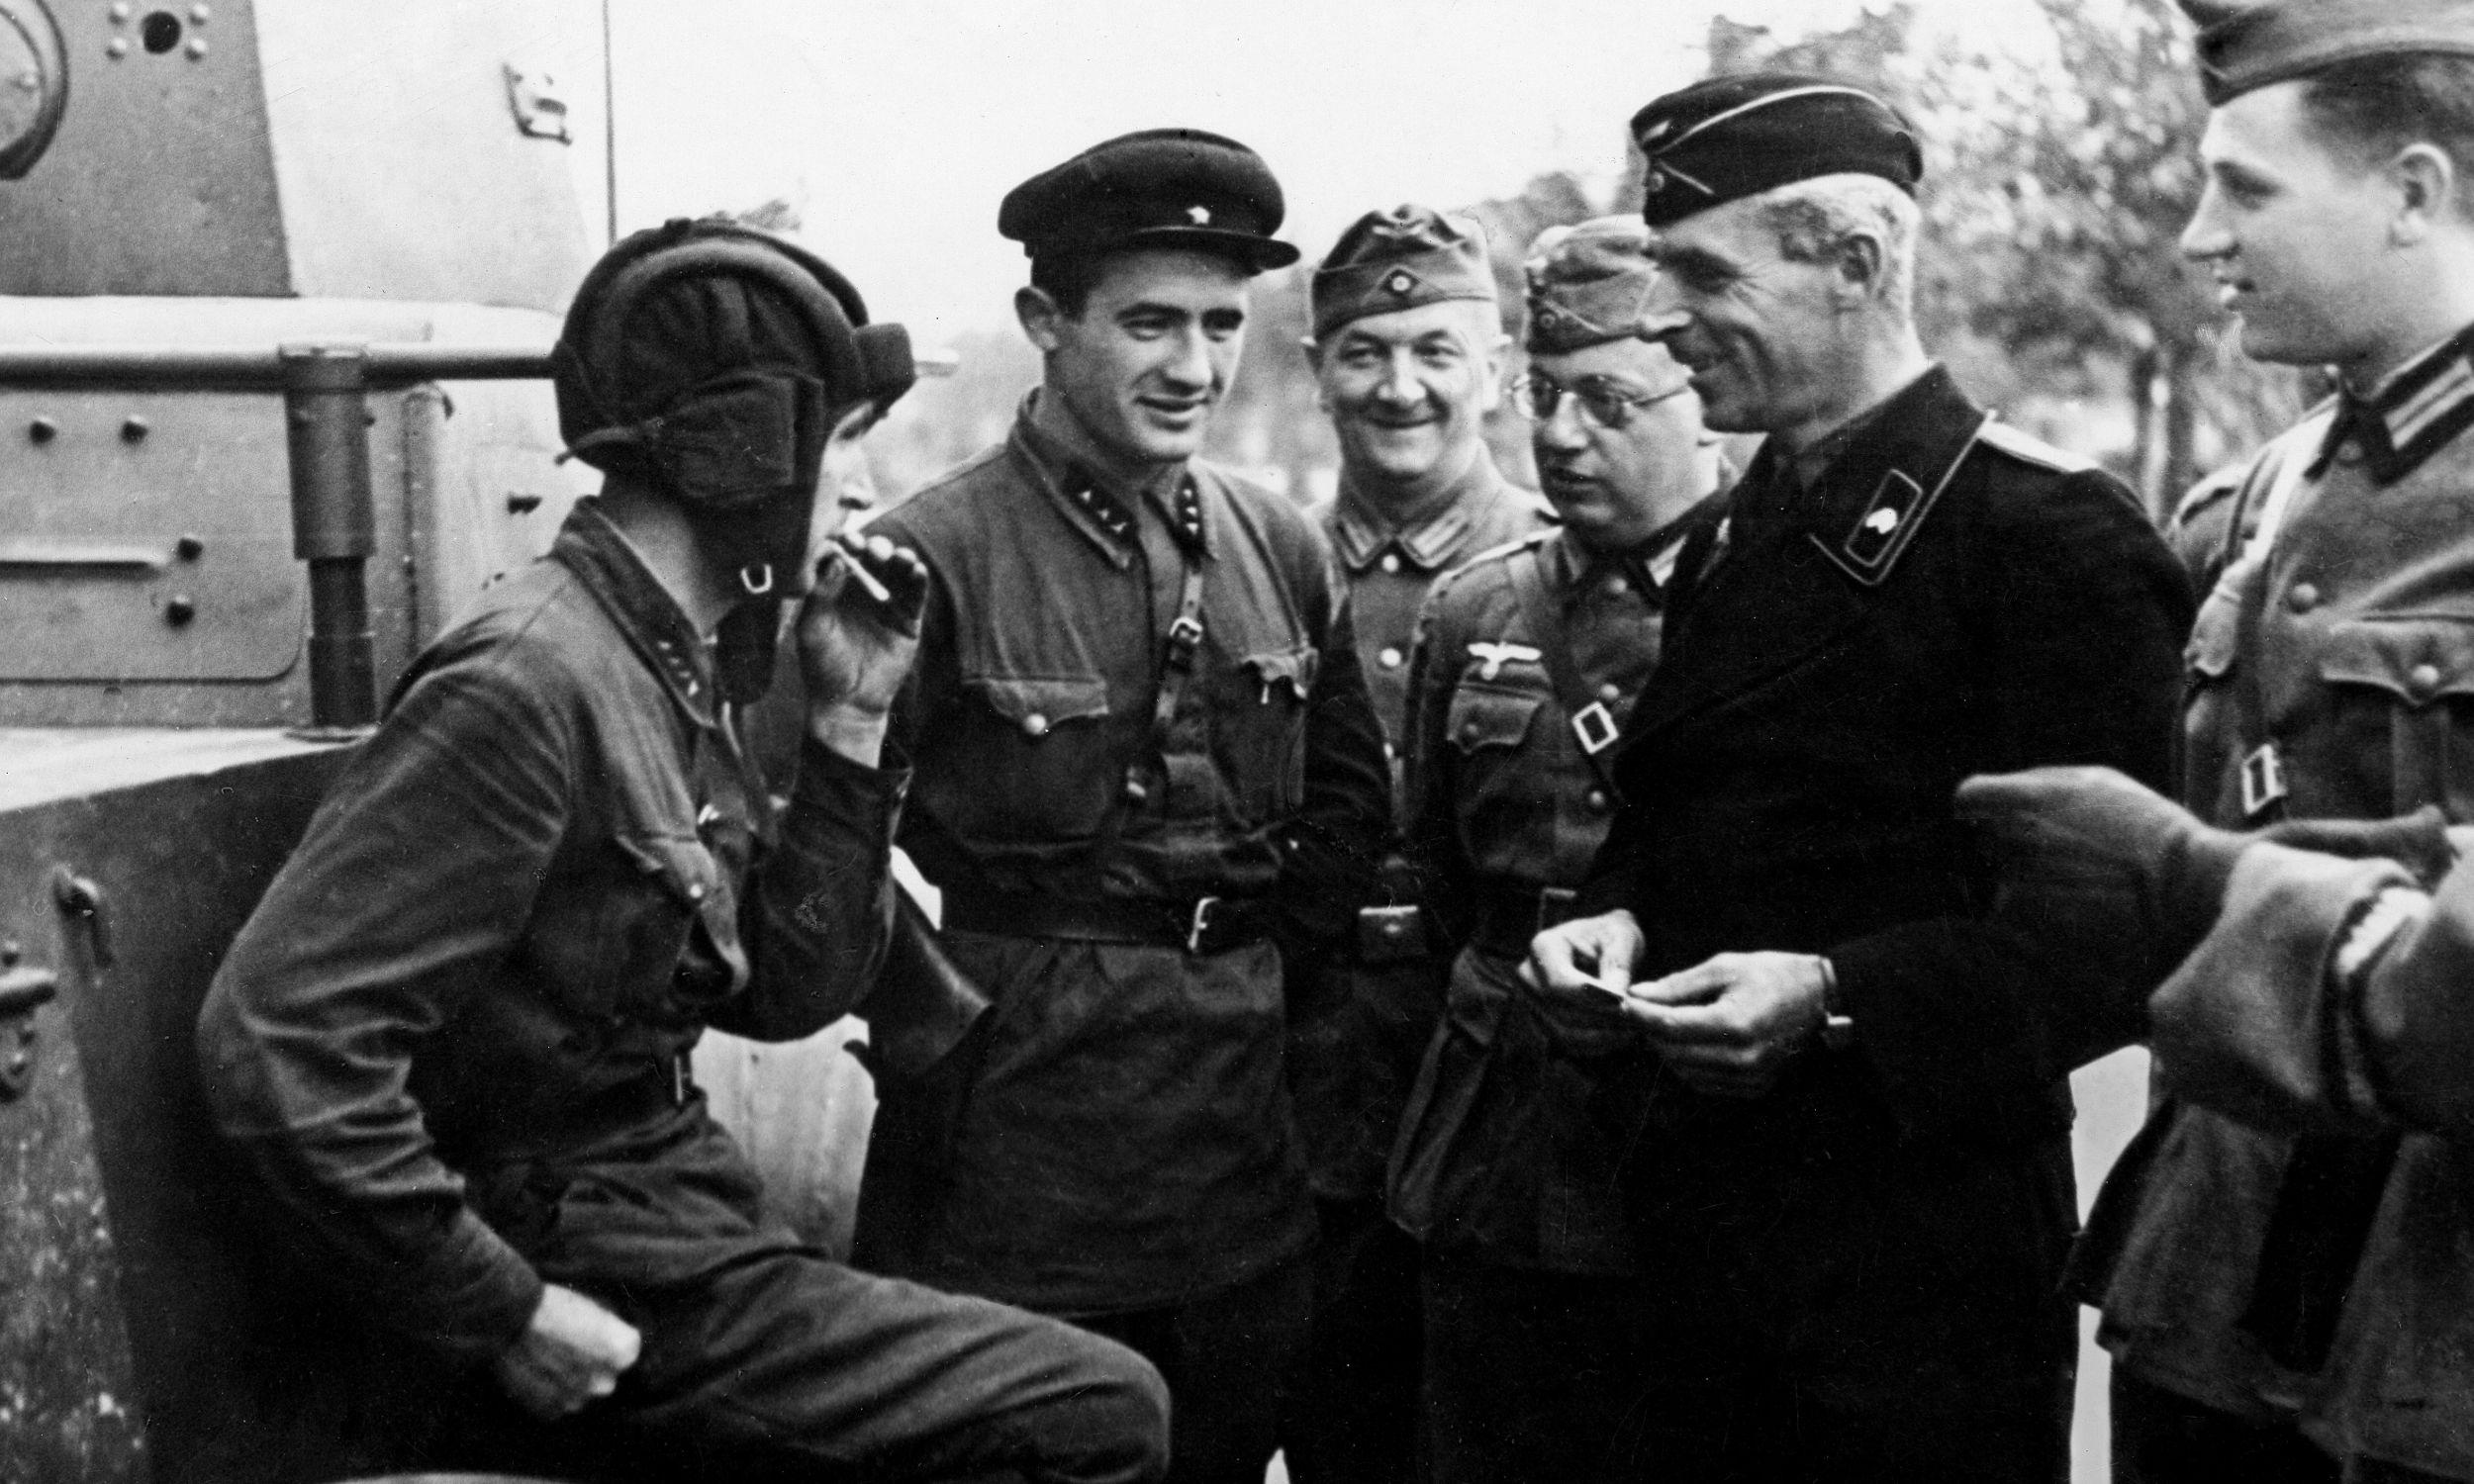 Wrzesień 1939 roku, po agresji ZSRR na Polskę. Niemieccy i radzieccy żołnierze rozmawiają w jednym z okupowanych  polskich miast. Fot. Ullstein Bild via Getty Images